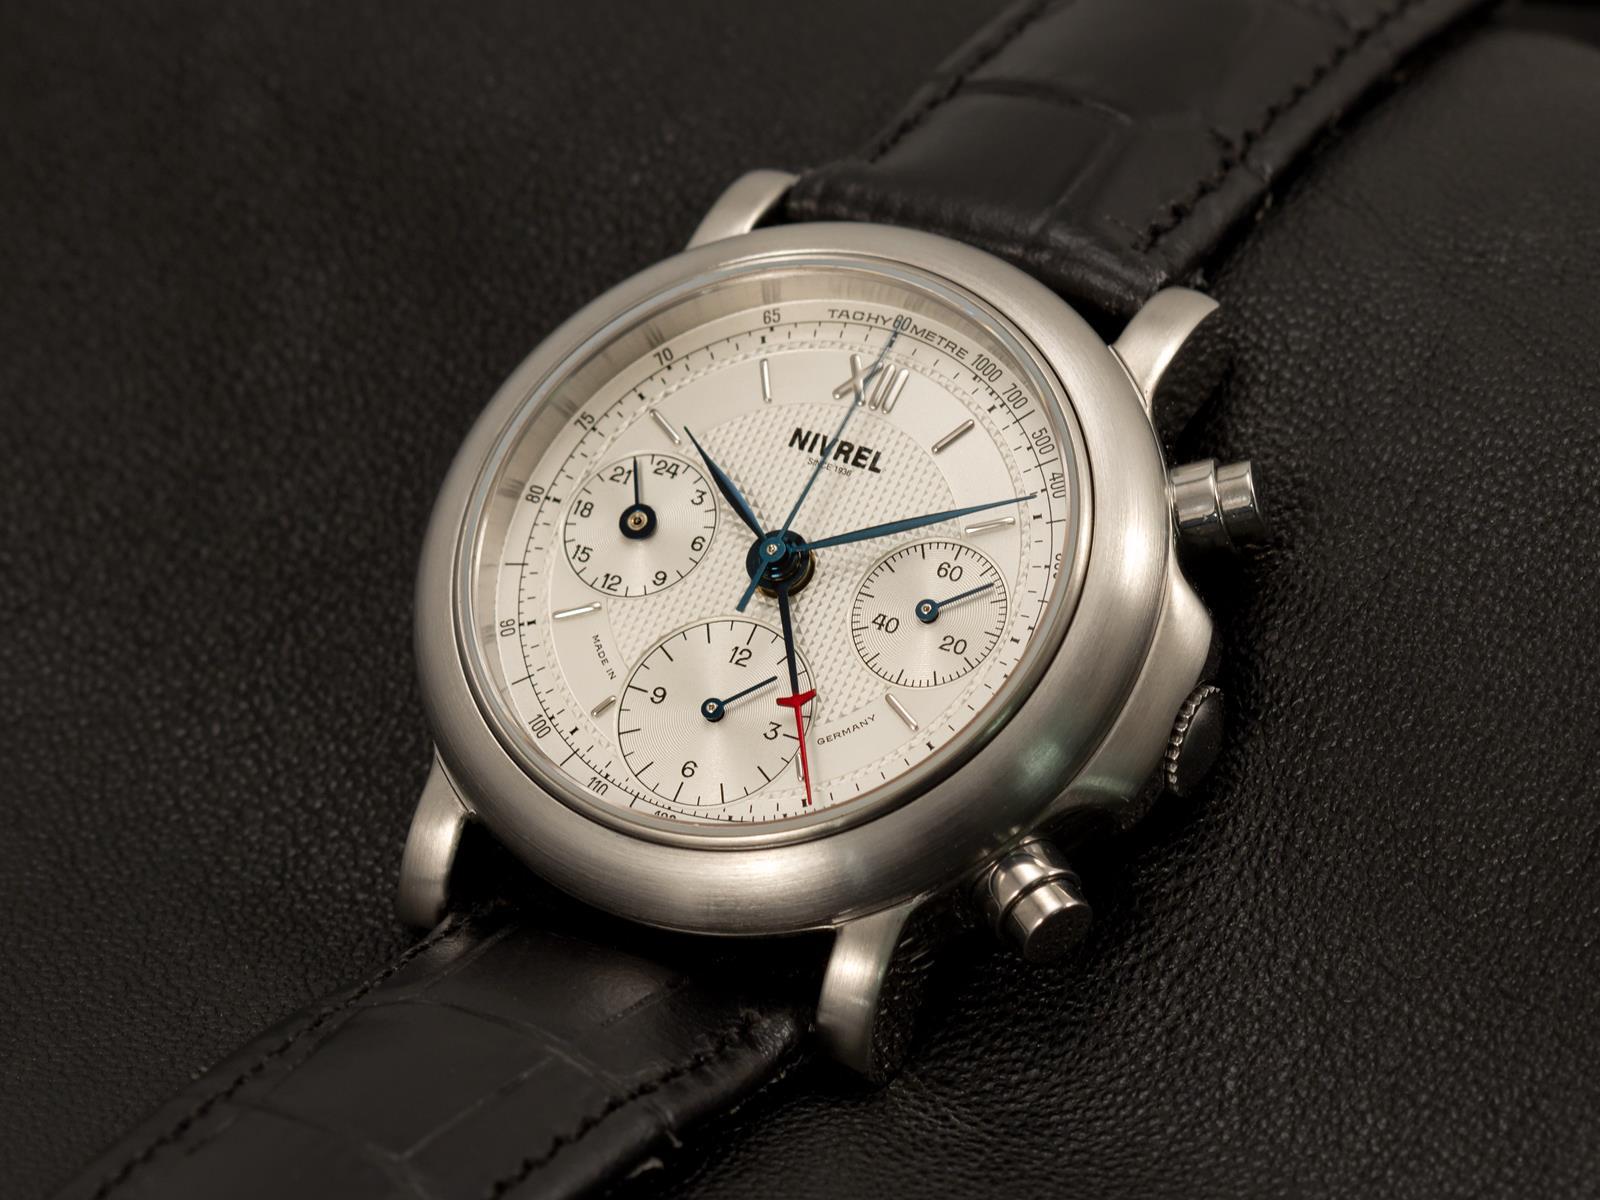 Kliknite za sliku za veću verziju  Ime:Nivrel-Heritage-Chronographe-Minutes-satovi-3.jpg Viđeno:156 Veličina:193,1 KB ID:84735